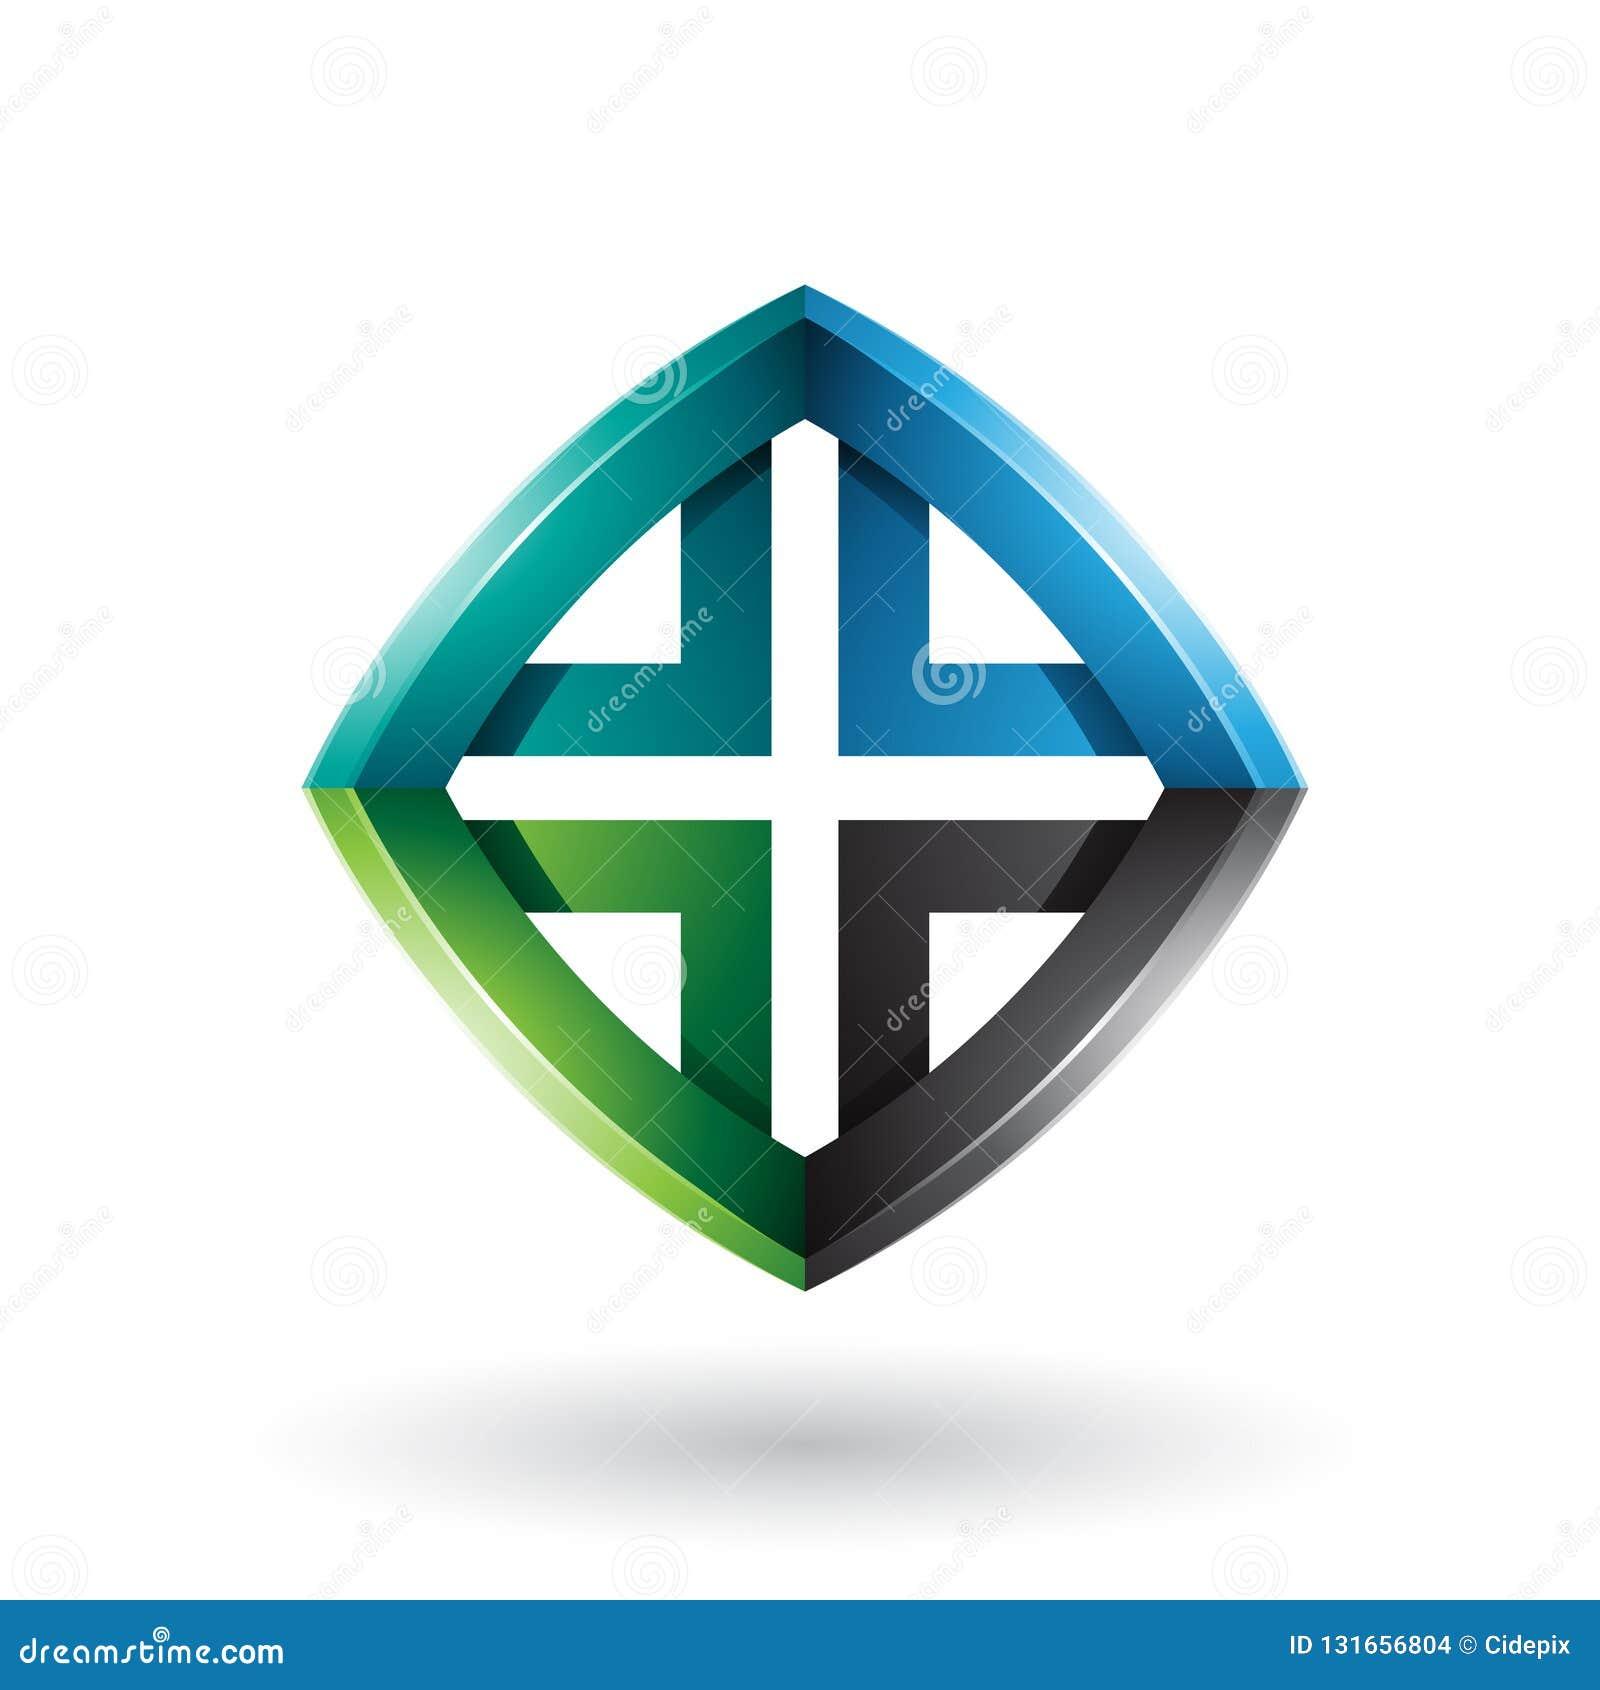 Schwarzer grüner und blauer verdrehter Diamond Shape lokalisiert auf einem weißen Hintergrund